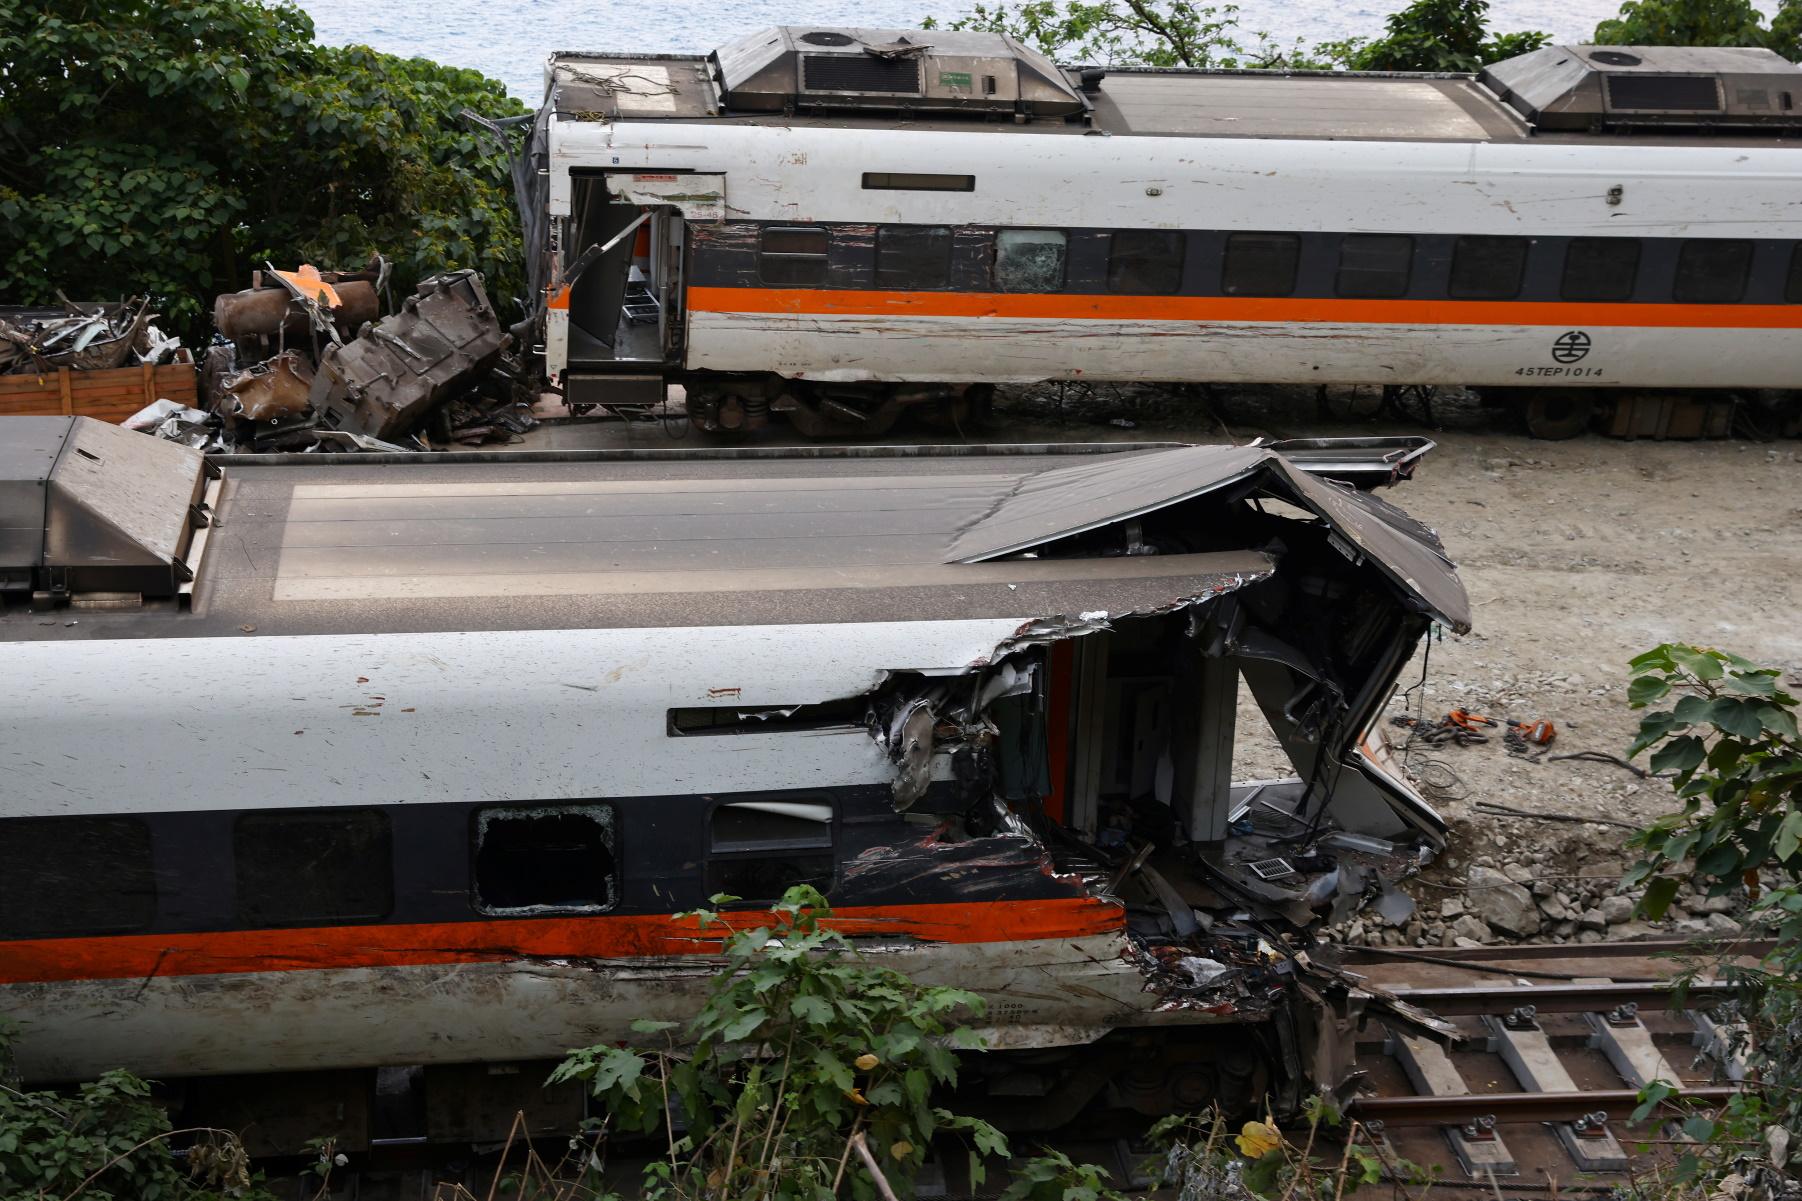 Ταϊβάν: Βίντεο ντοκουμέντο – Η στιγμή της σύγκρουσης του τρένου με φορτηγό που προκάλεσε πάνω από 50 νεκρούς